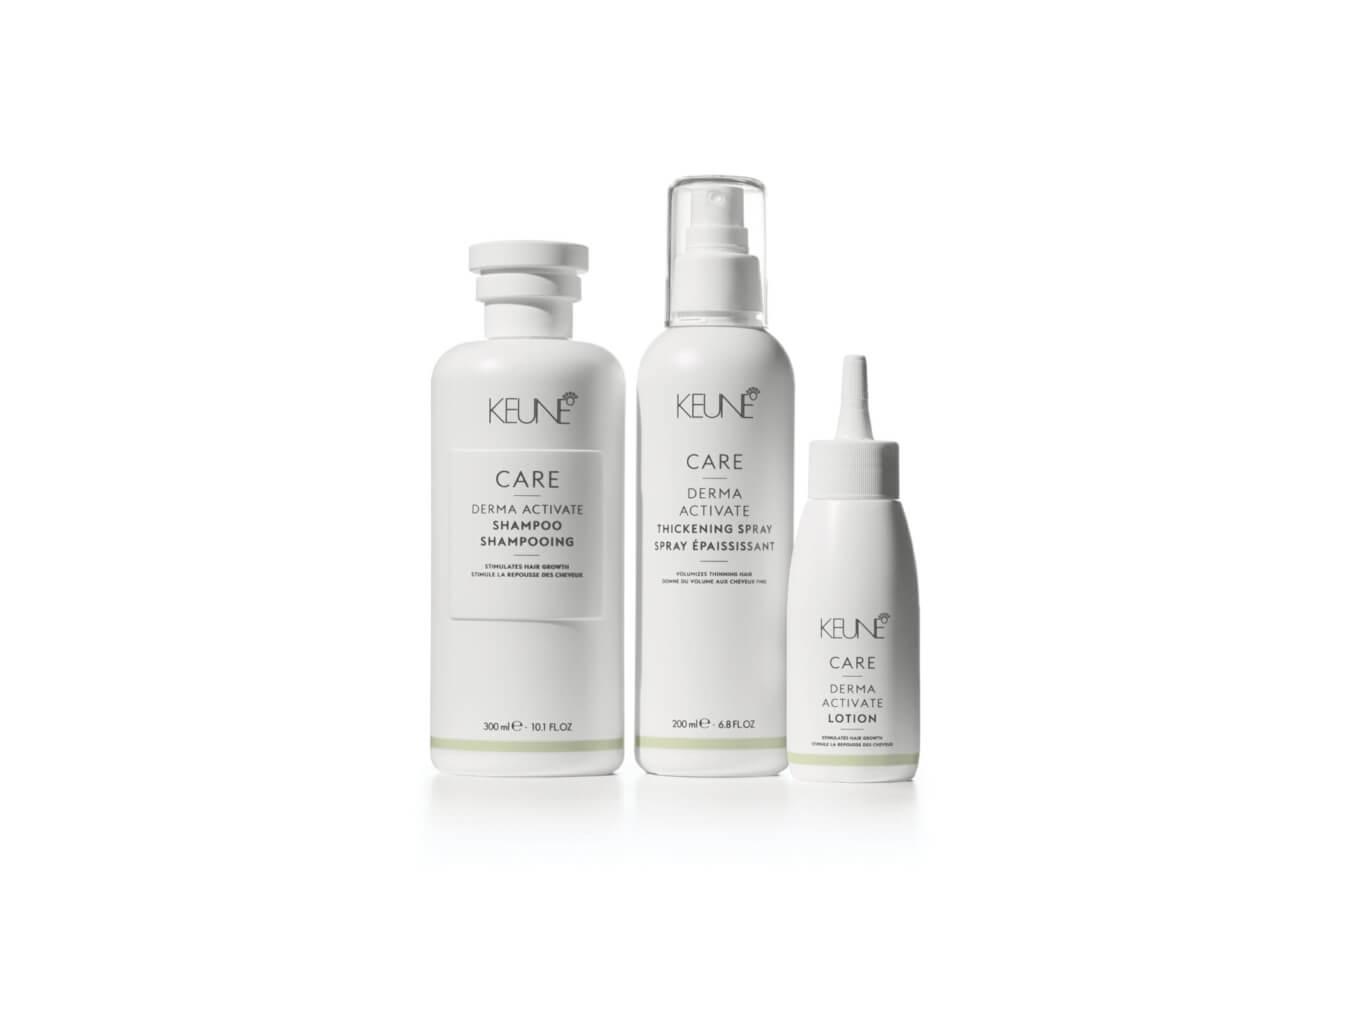 Wenn Ihr Haar dünner wird, ist es Zeit für Keune Care Derma Activate. Bringen Sie Ihre Kopfhaut wieder ins Gleichgewicht.